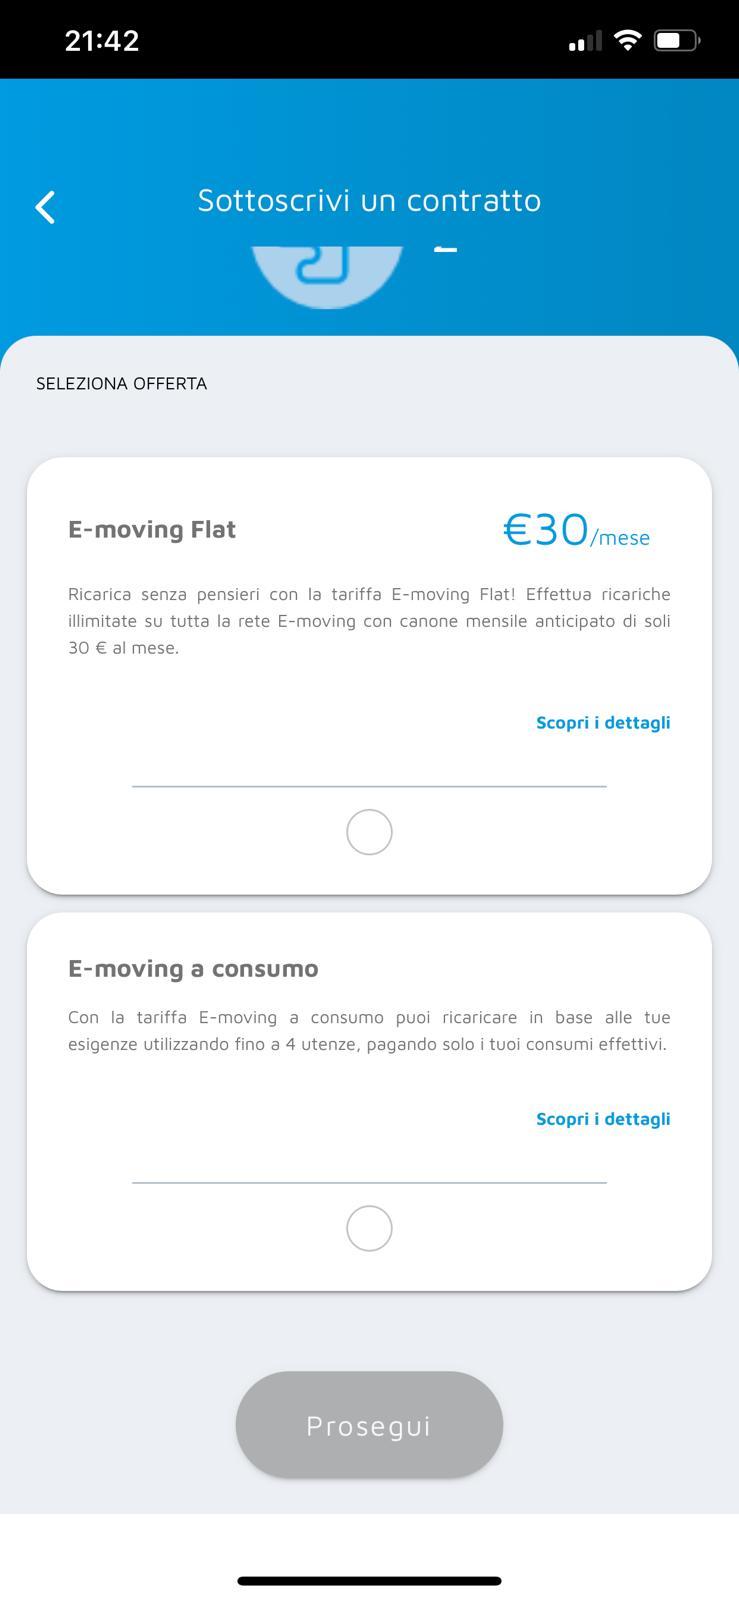 tariffa flat emoving a2a applicazione